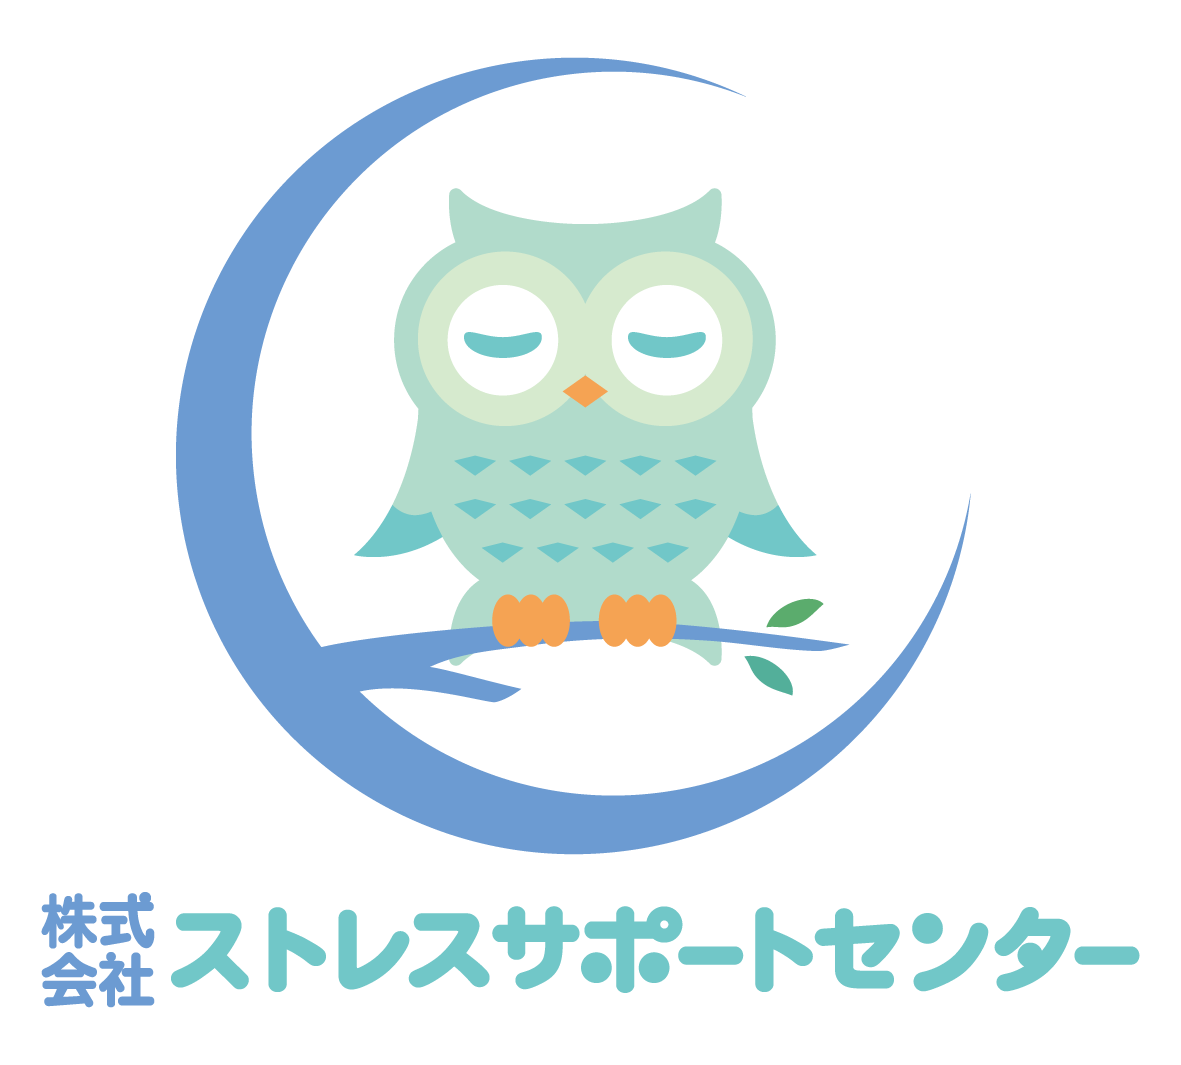 人材系サービスと親しみ/優しいと青のロゴ